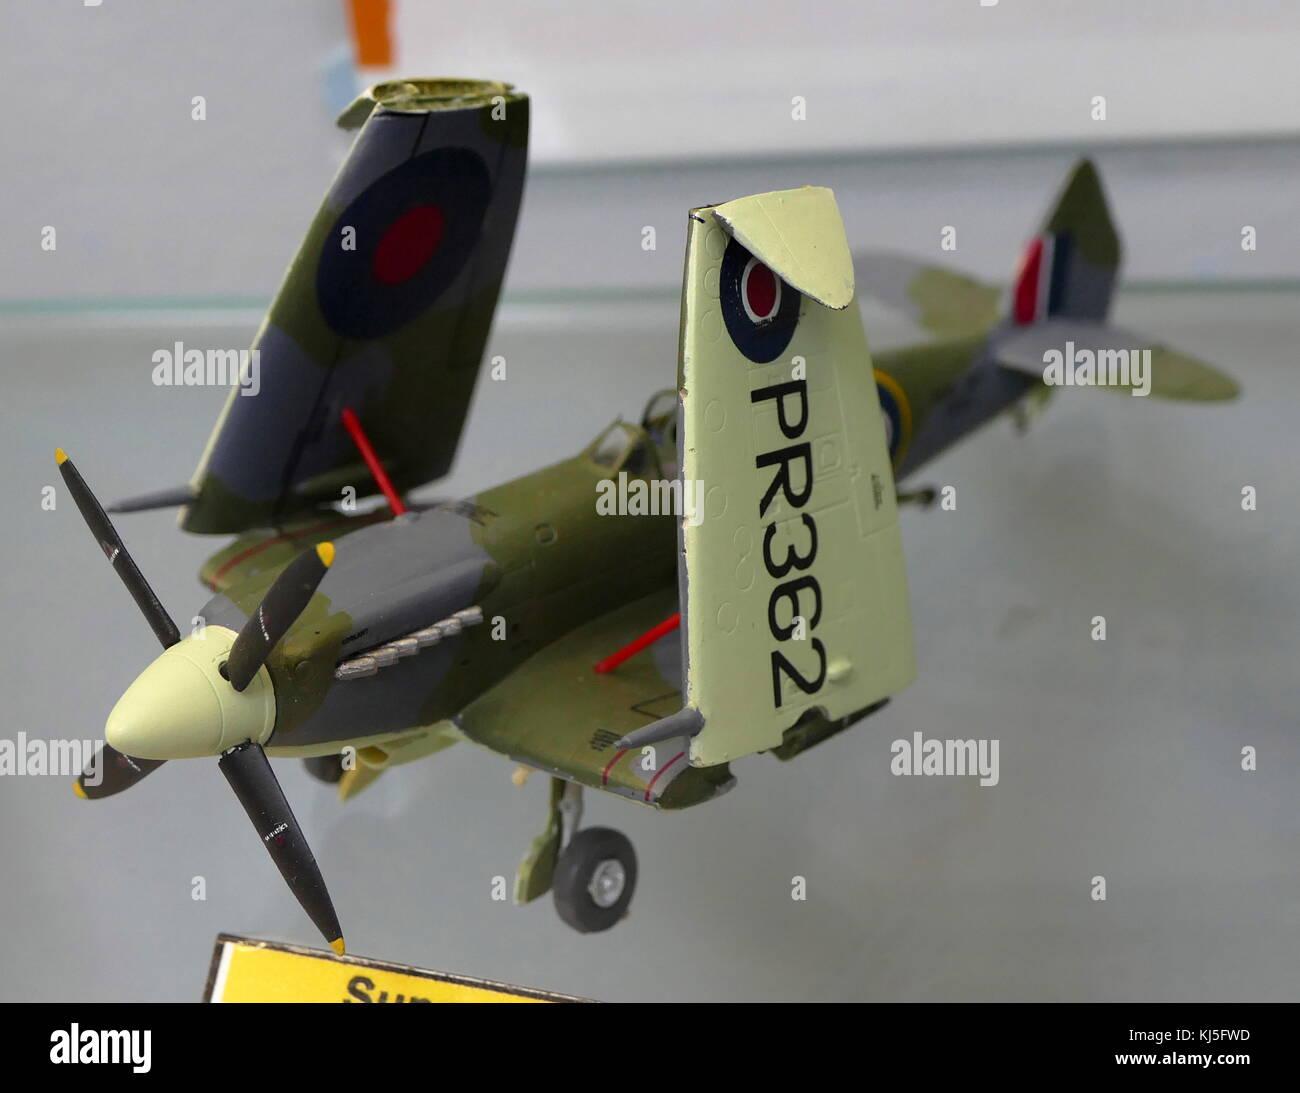 Modèle d'un Supermarine Seafire britannique 15 Avion de chasse. En date du 20e siècle Photo Stock